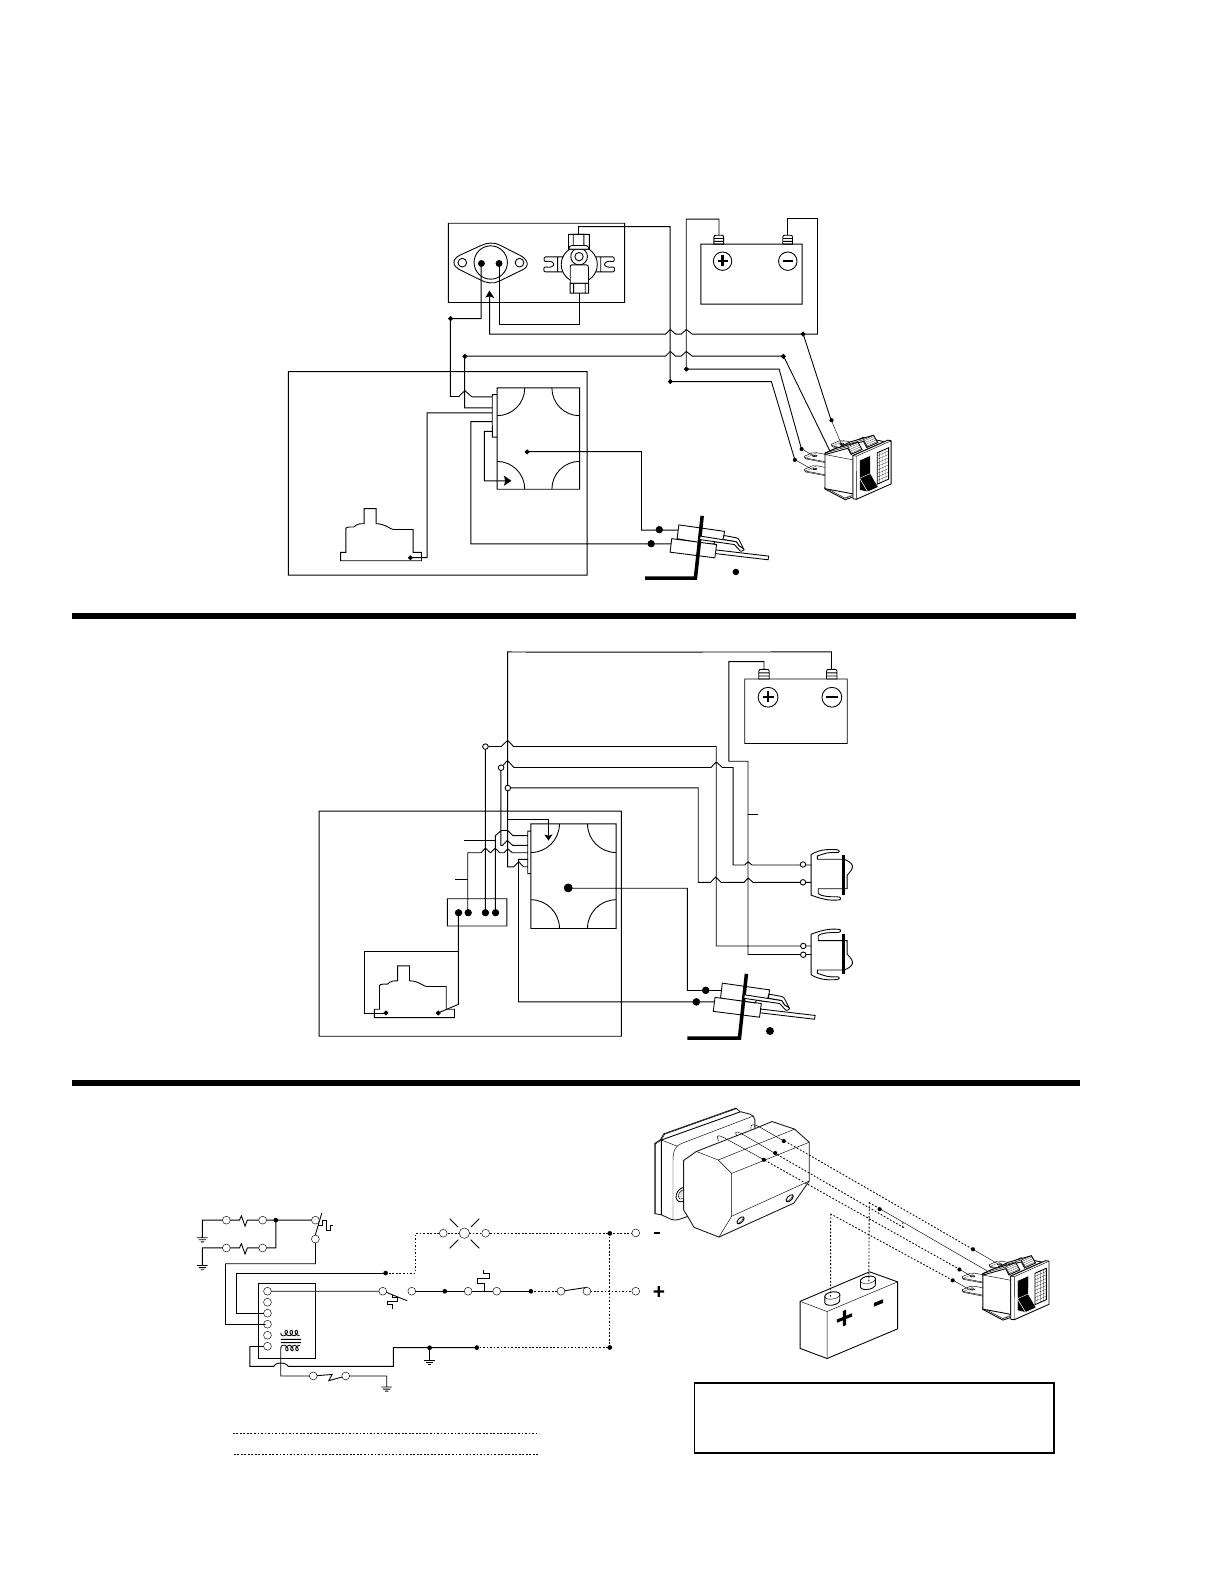 Water heater wiring schematics